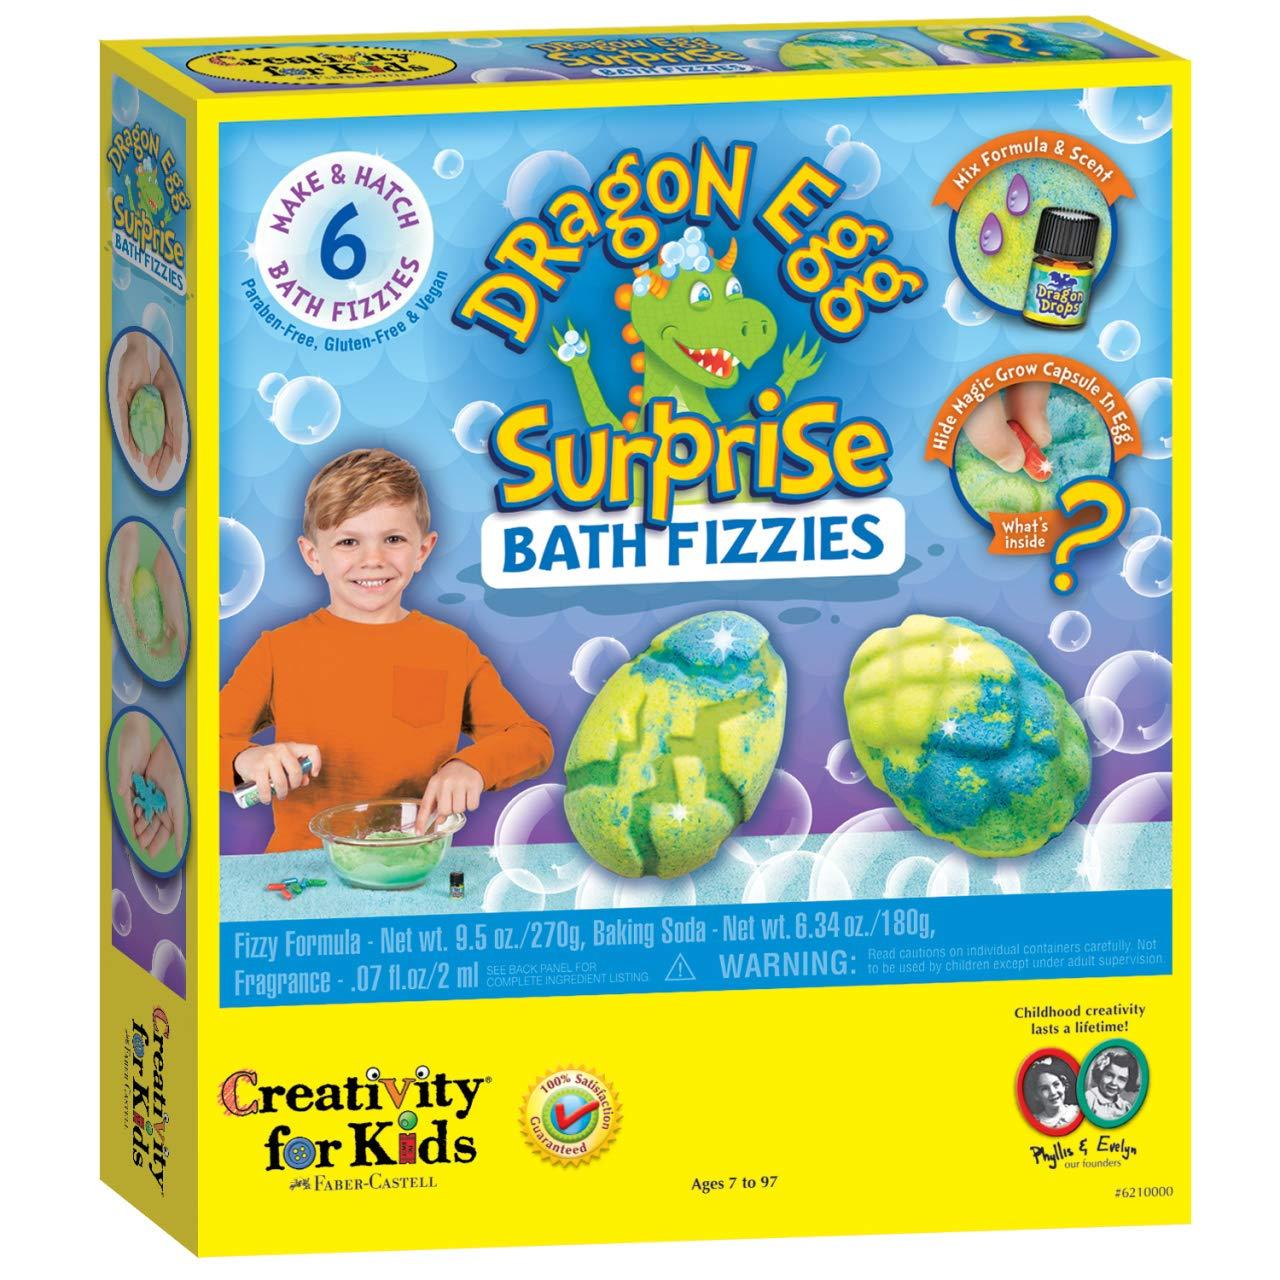 Creativity for Kids Dragon Egg Surprise Bath Fizzies – 6 DIY Bath Bomb Eggs That Hatch